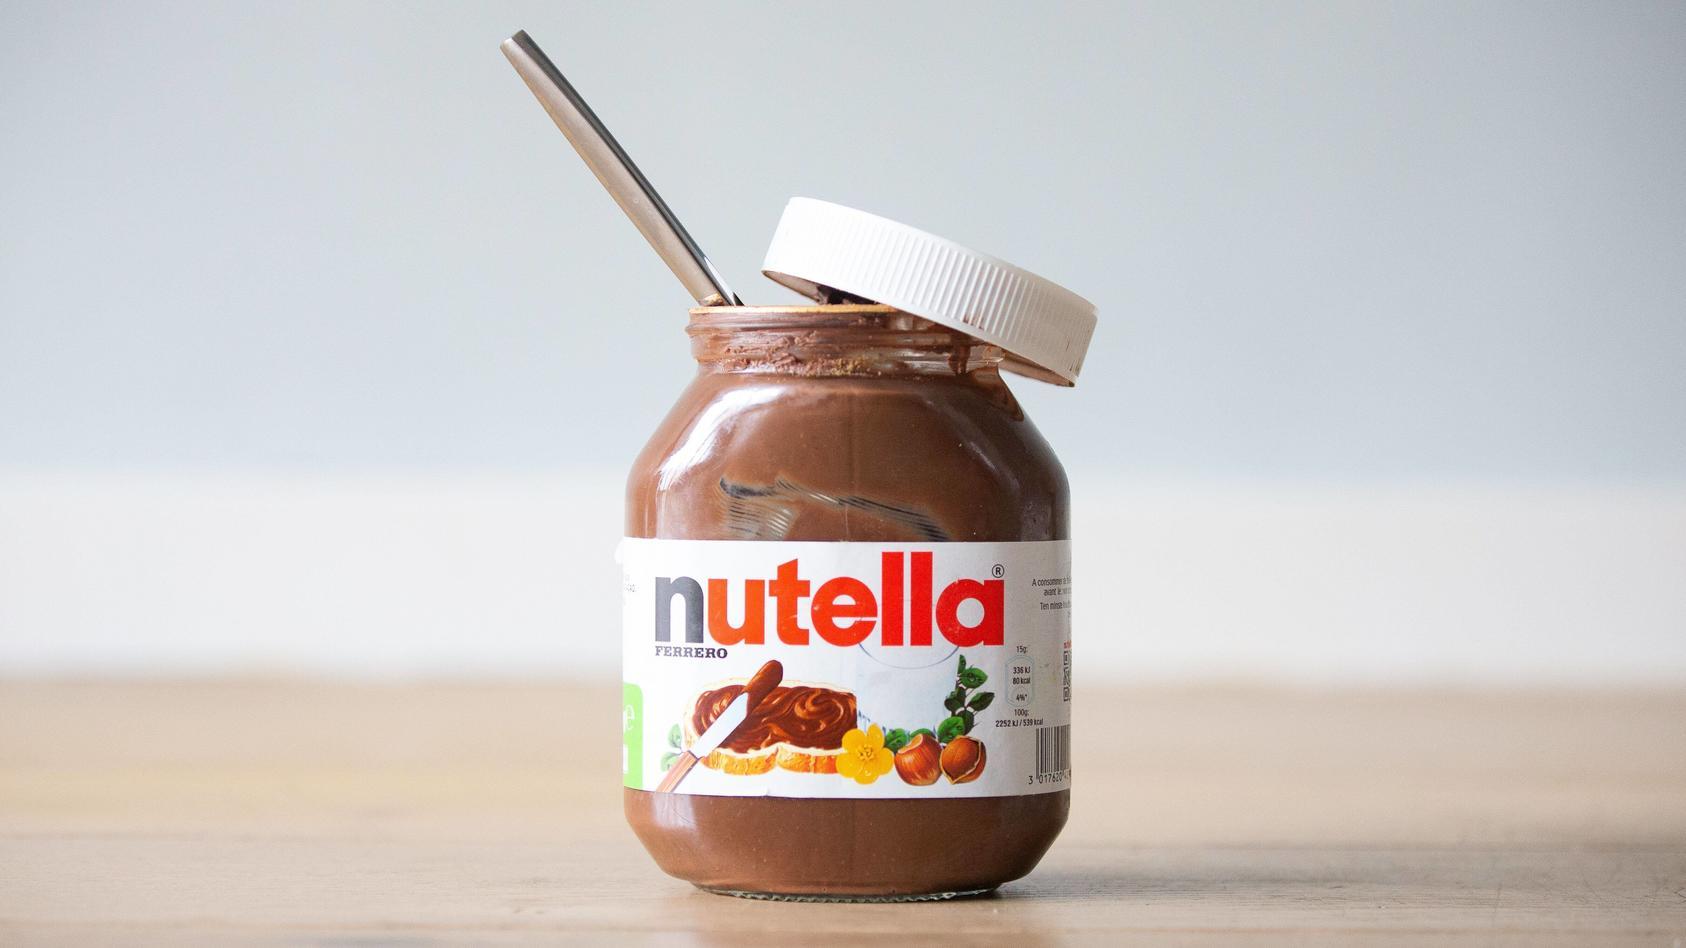 Wer Nutella mag, wird diese Hacks lieben!